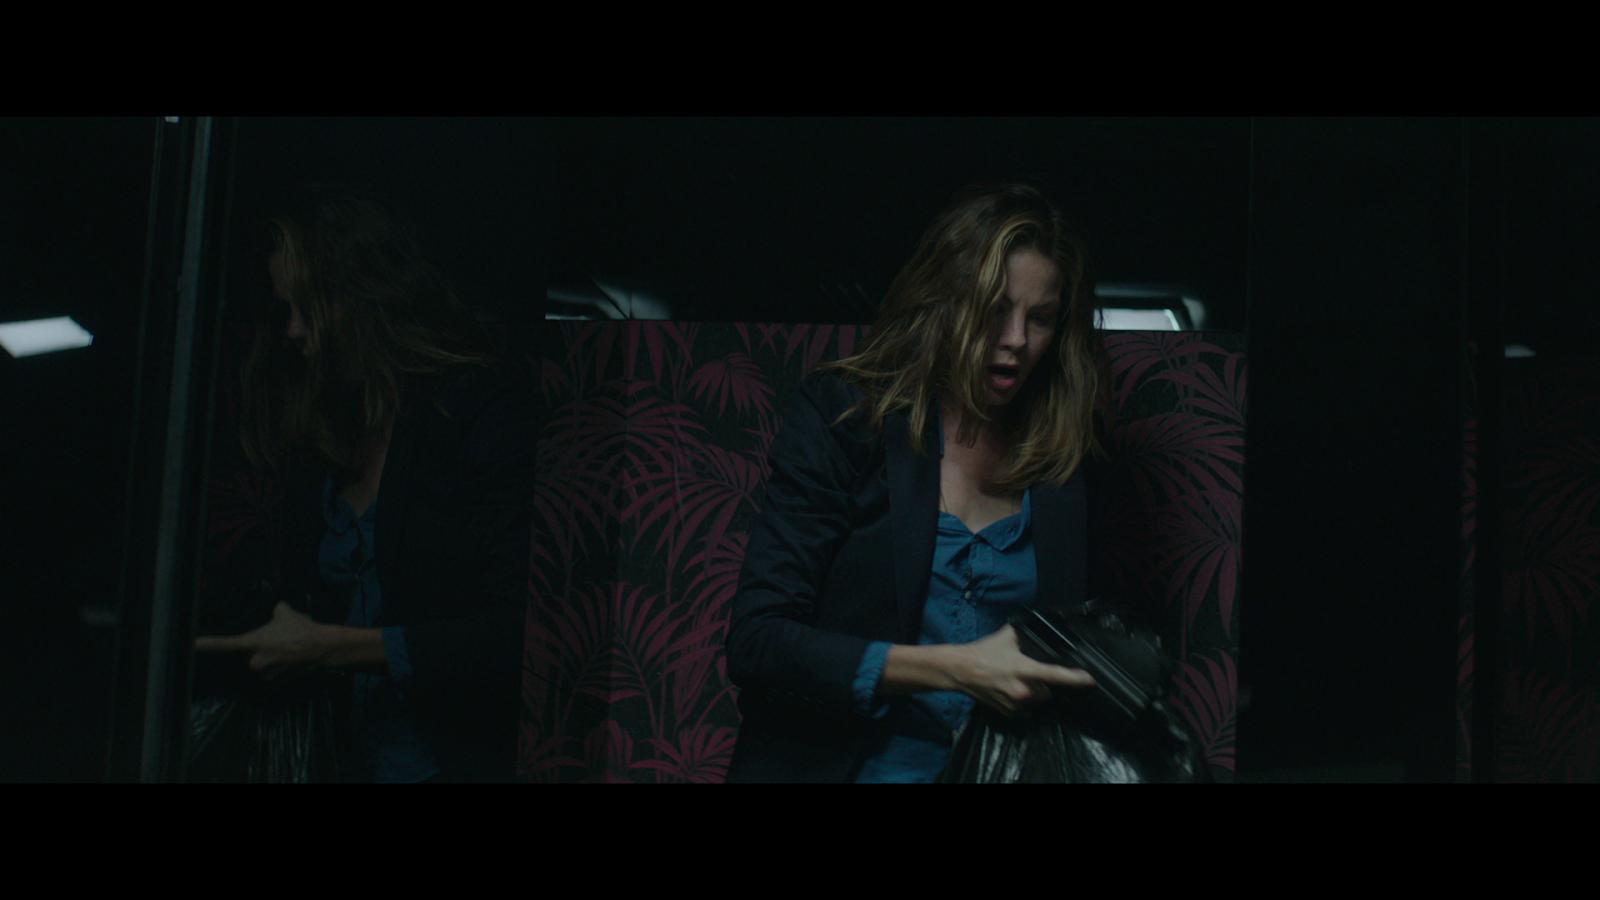 Sleepless (2017) 1080p BD25 4